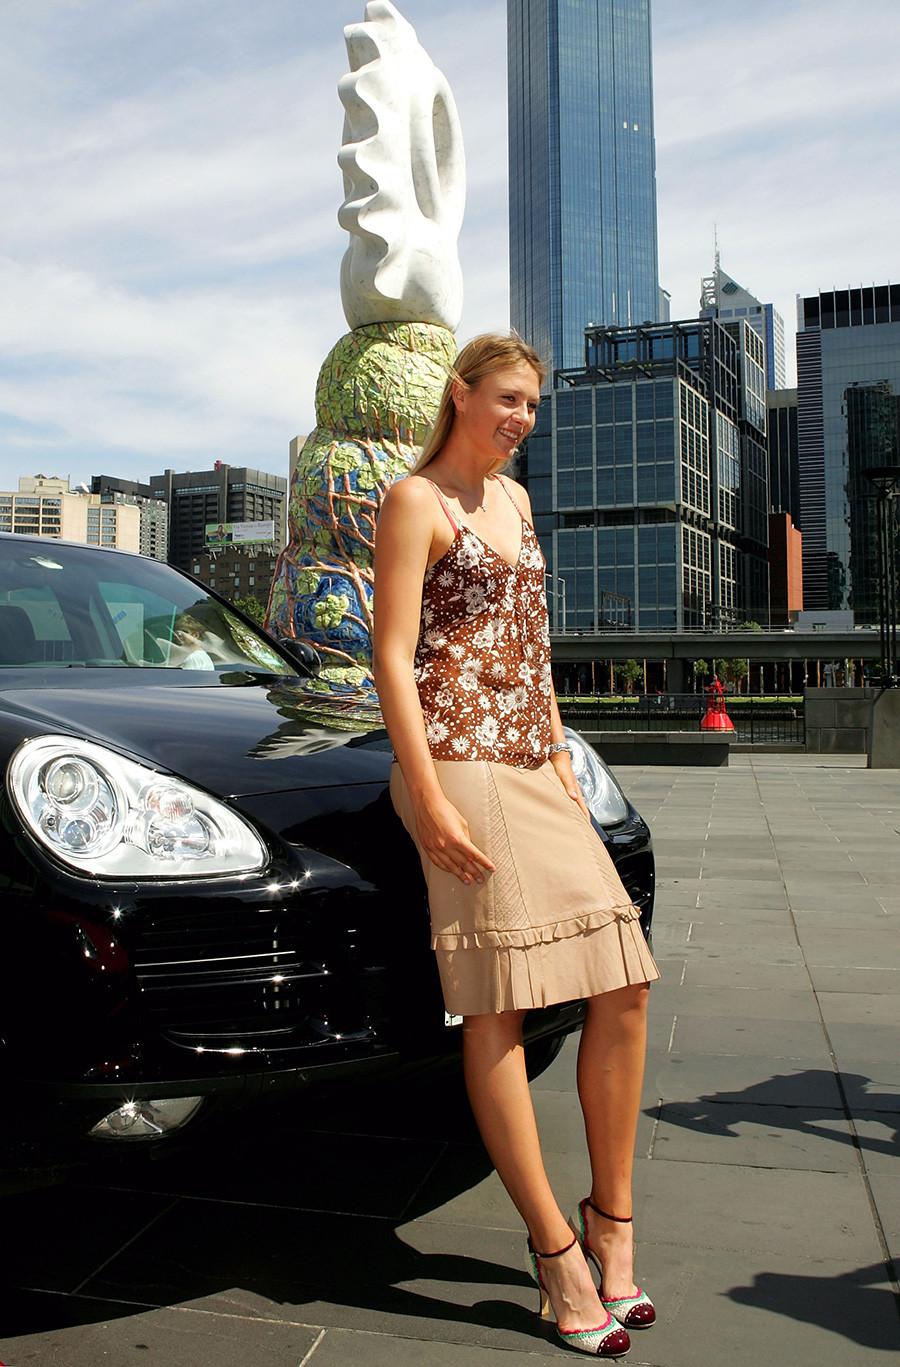 Marija Šarapova v Melbourne Parku, potem ko je podarila vrednost priborjenega porscheja za zmago na WTA turnirju leta 2004  dobrodelni organizaciji.